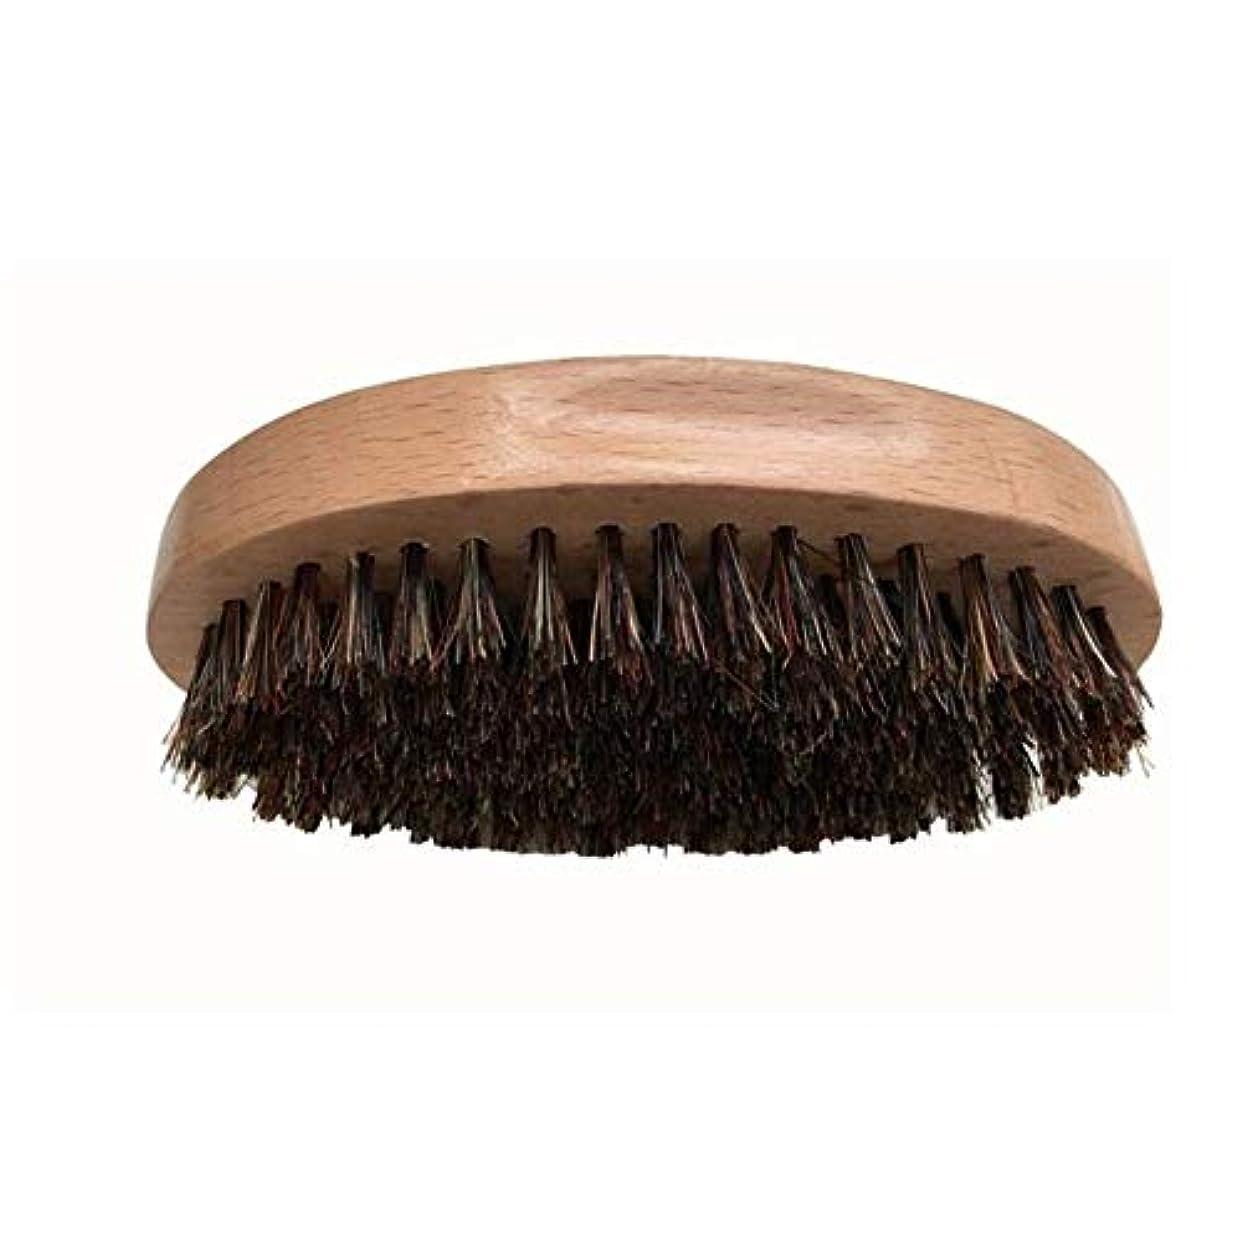 ビュッフェ植物学最大のあごひげケア 美容ツール シェービングブラシ 男性 口ひげ ひげブラシ ラウンド櫛 メンズシェービングツール 理容 洗顔 髭剃り 泡立ち